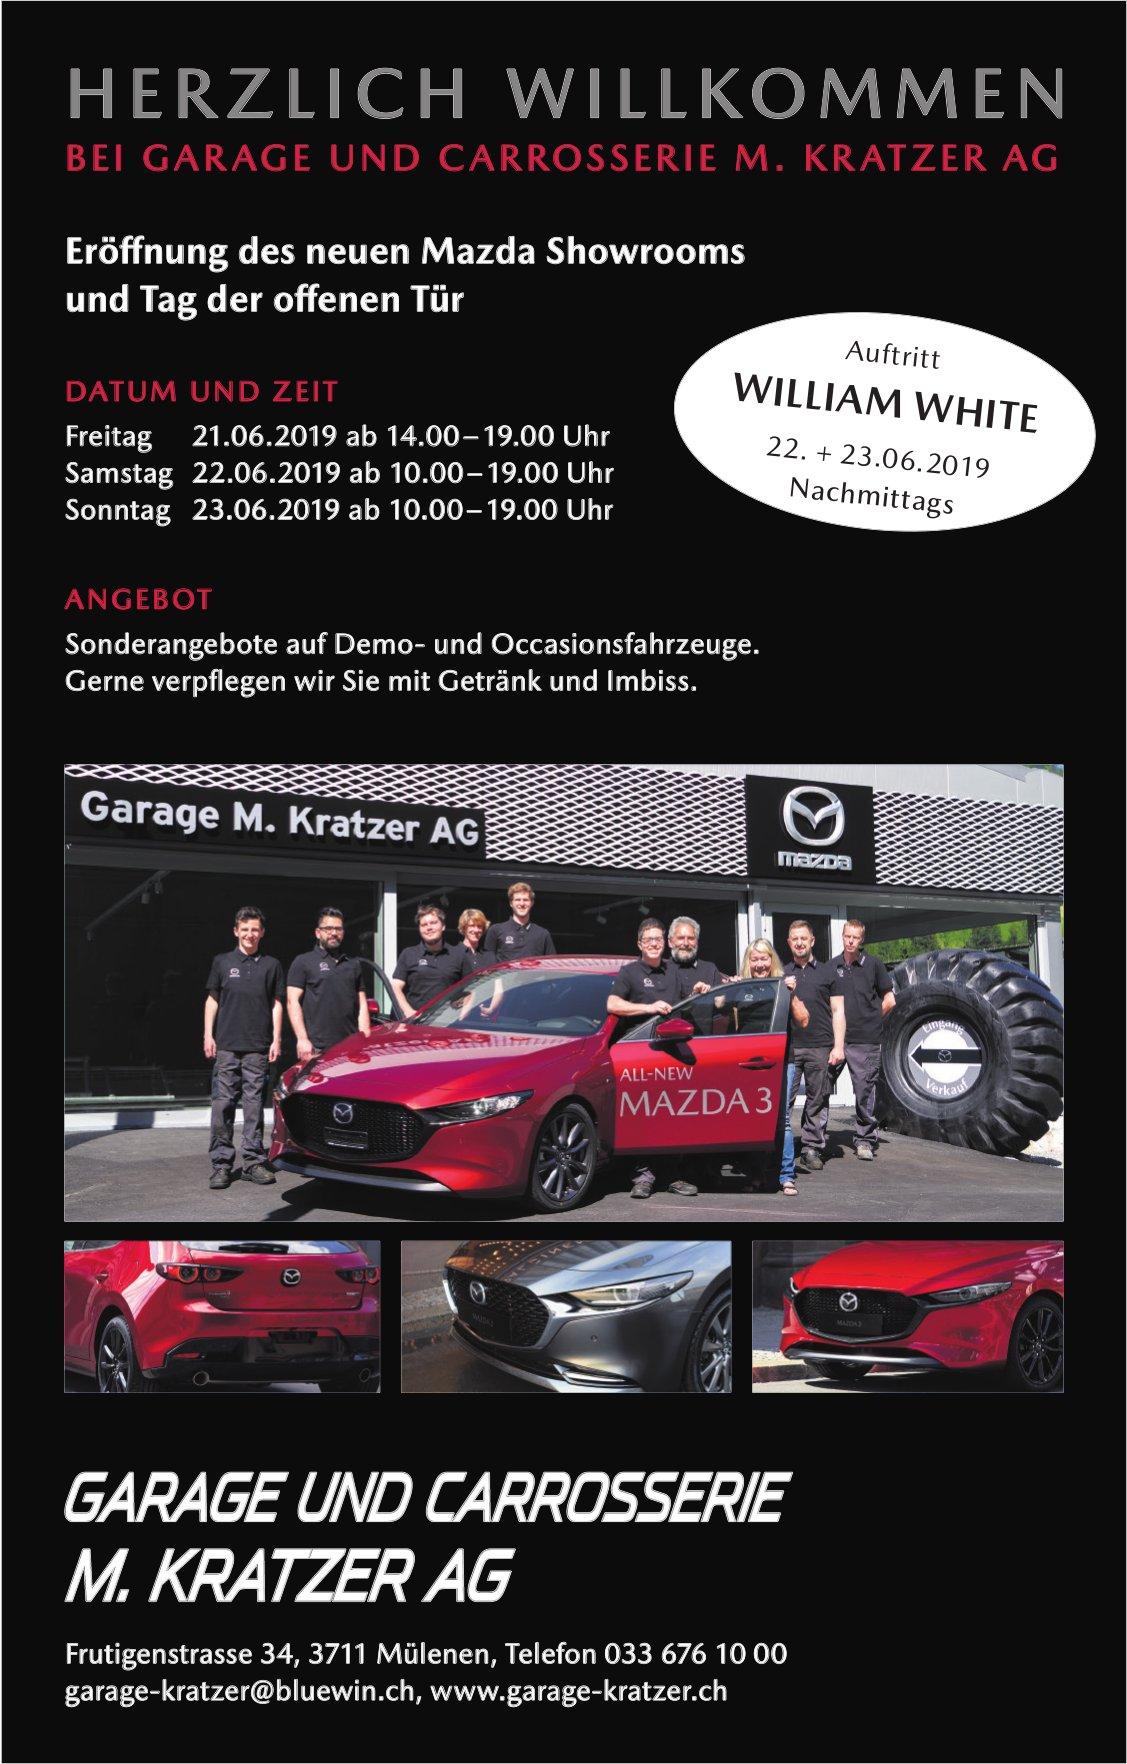 Eröffnung des neuen Mazda Showrooms und Tag der offenen Tür, 21. - 23. Juni, Garage Kratzer AG